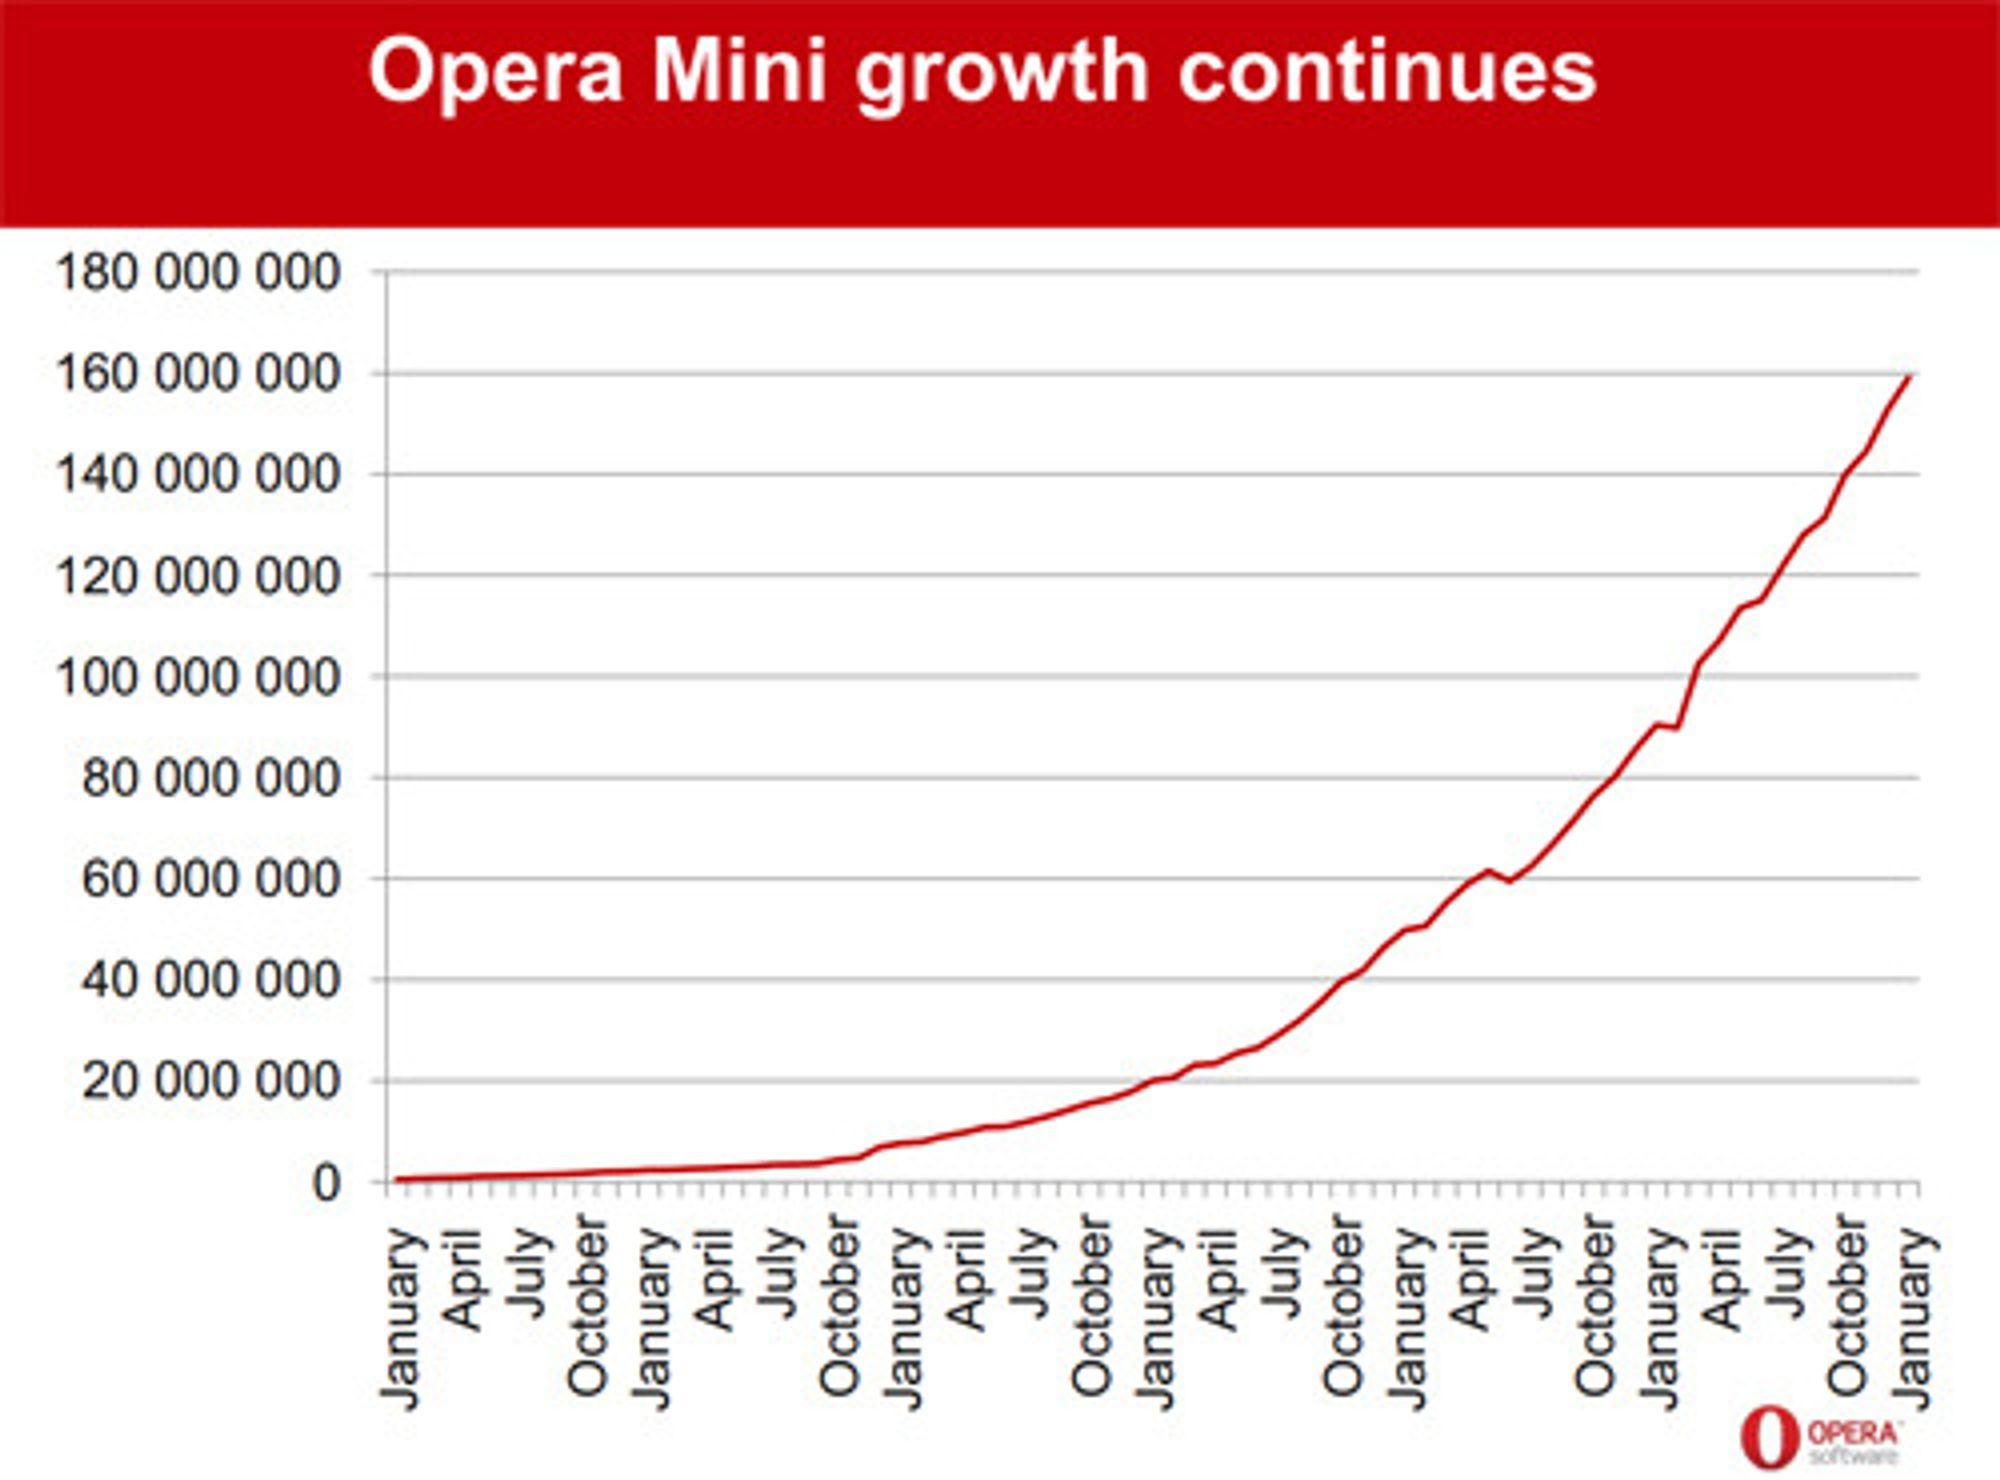 Opera mister sin nummer 1-posisjon blant mobile nettlesere, trass sterk og fortsatt vedvarende vekst. Android og iOS vokser rett og slett enda raskere.